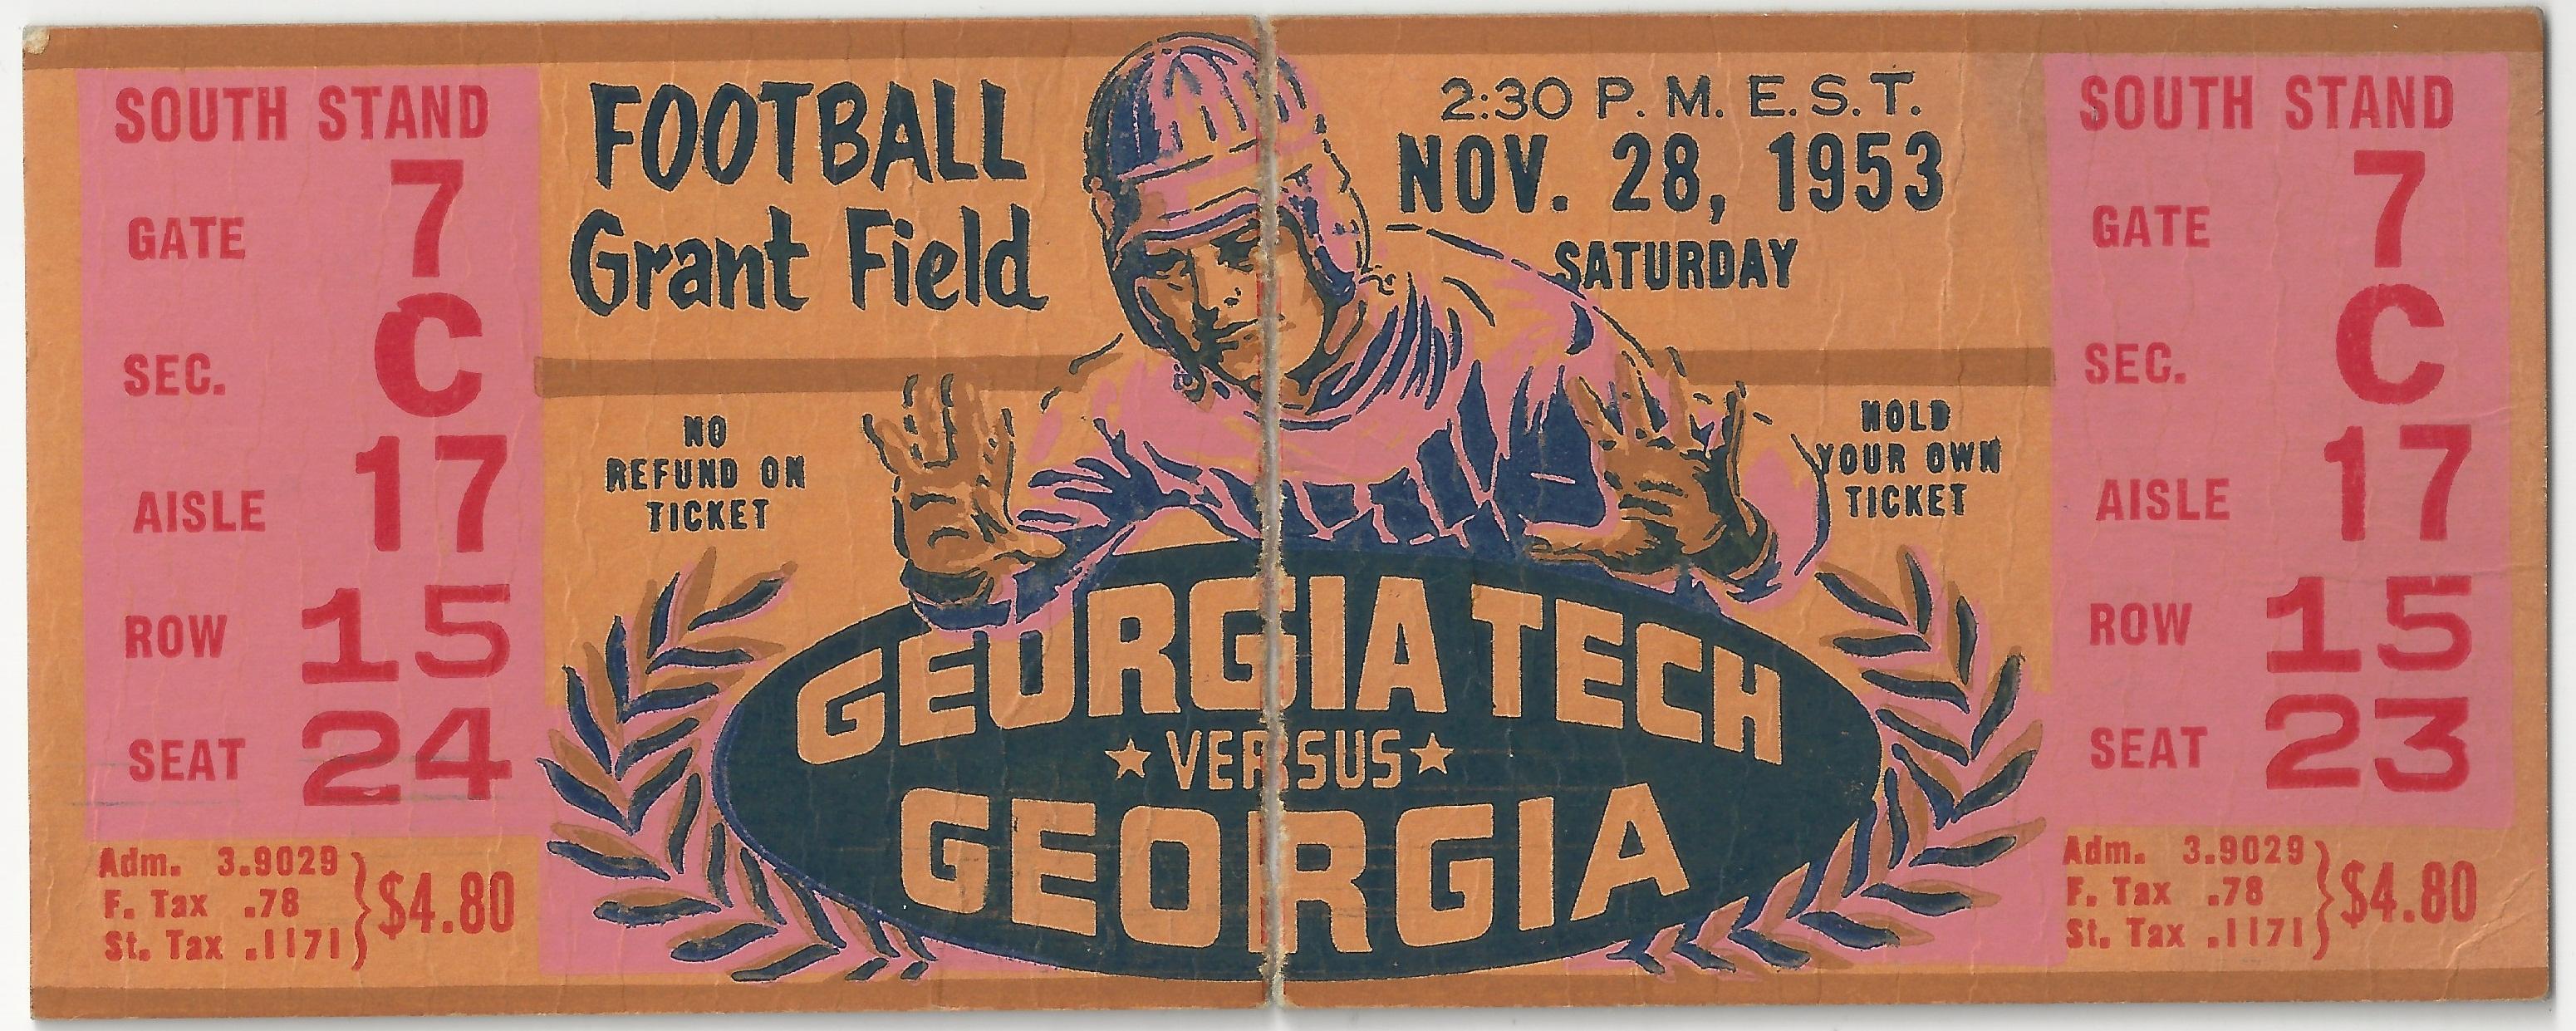 Georgia Tech vs. Georgia - 1953